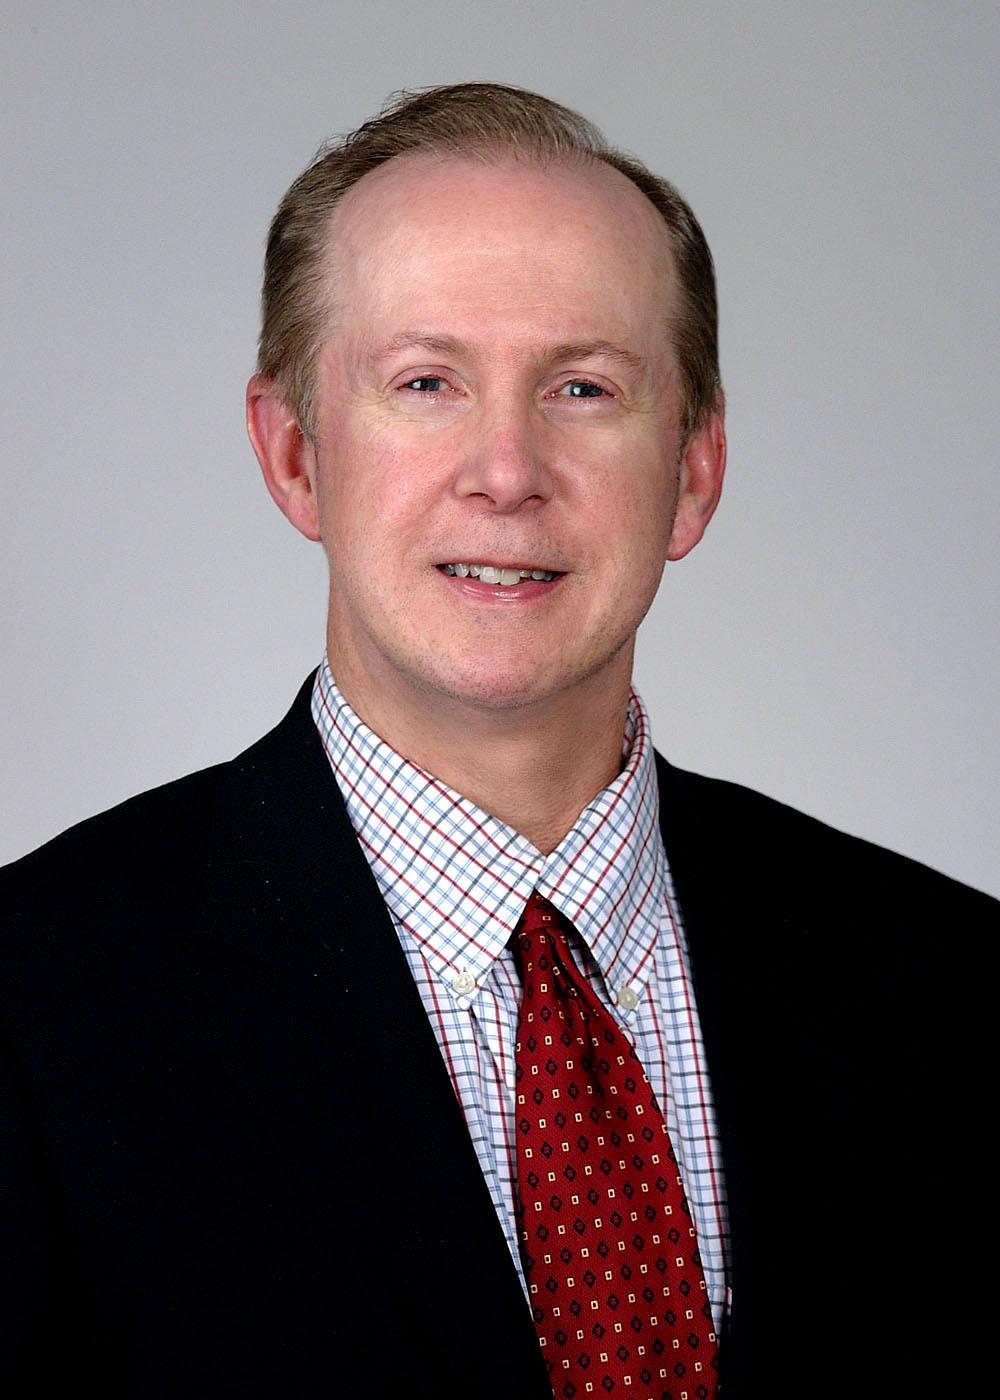 Henry L Kearse, IIi MD